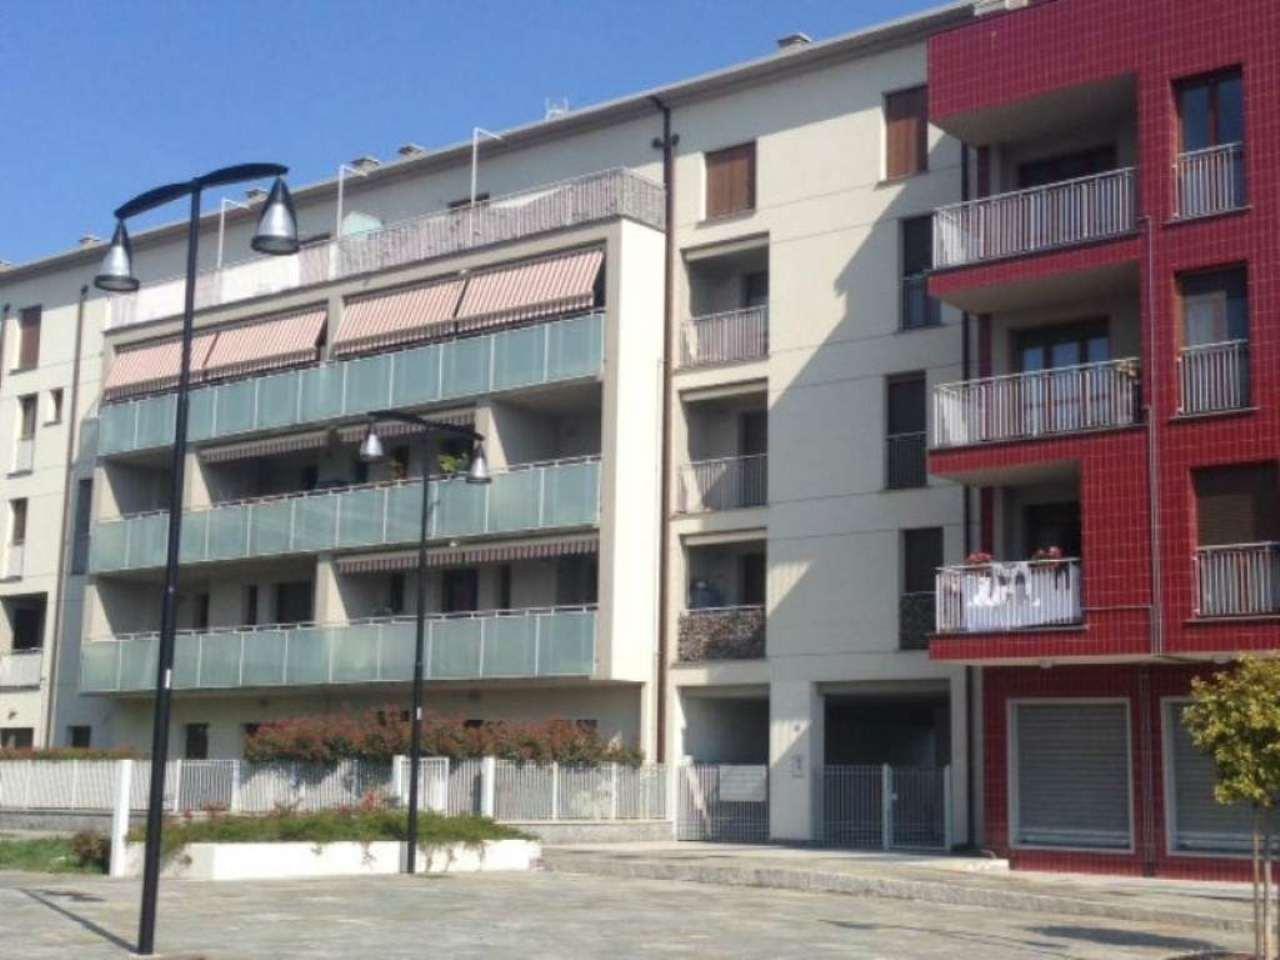 Bilocale Cologno Monzese Viale Lombardia 1